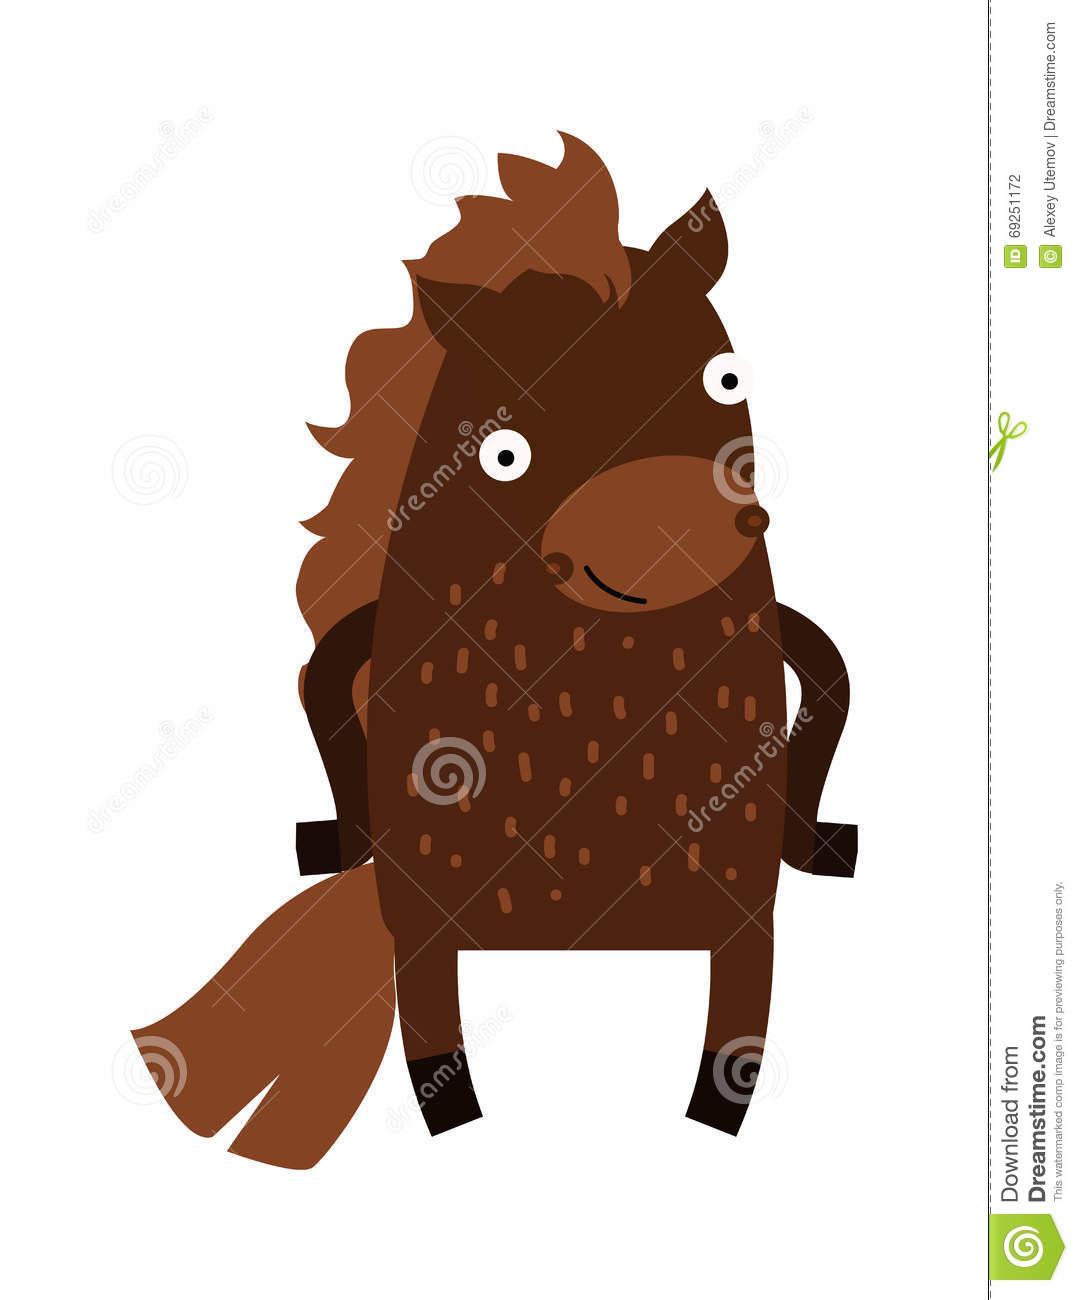 Cute Cartoon Horse Farm Animal Mammal Character Clip Art Vector.